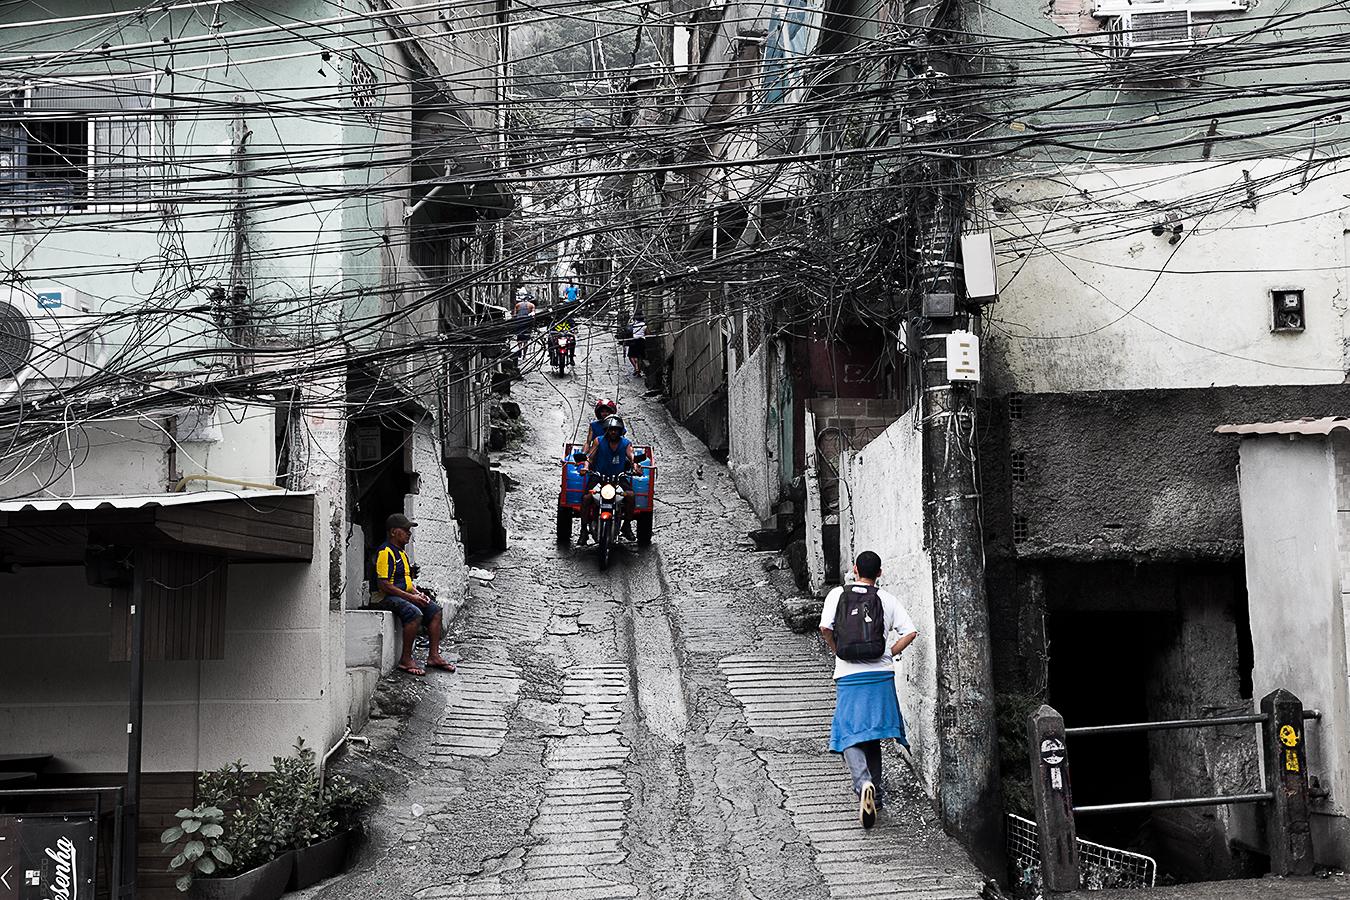 Rongrong Liu_Brazil_Rio De Janeiro_Farvela_A Normal Day_Semi-Colored